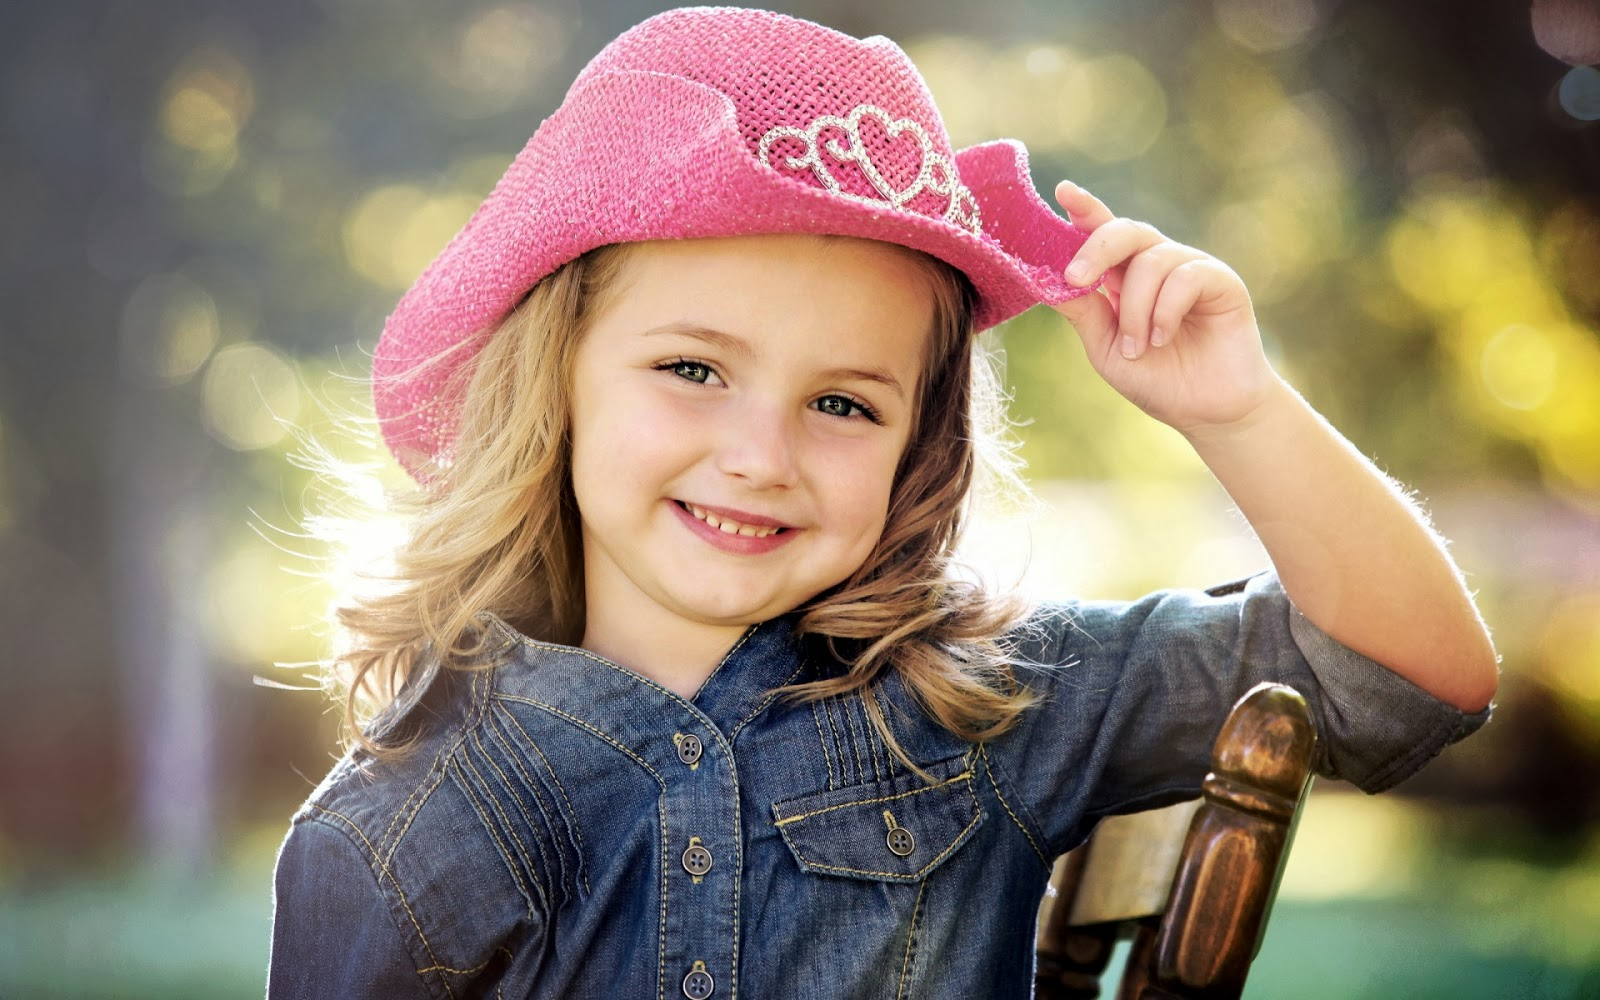 cute baby girl pic - sf wallpaper